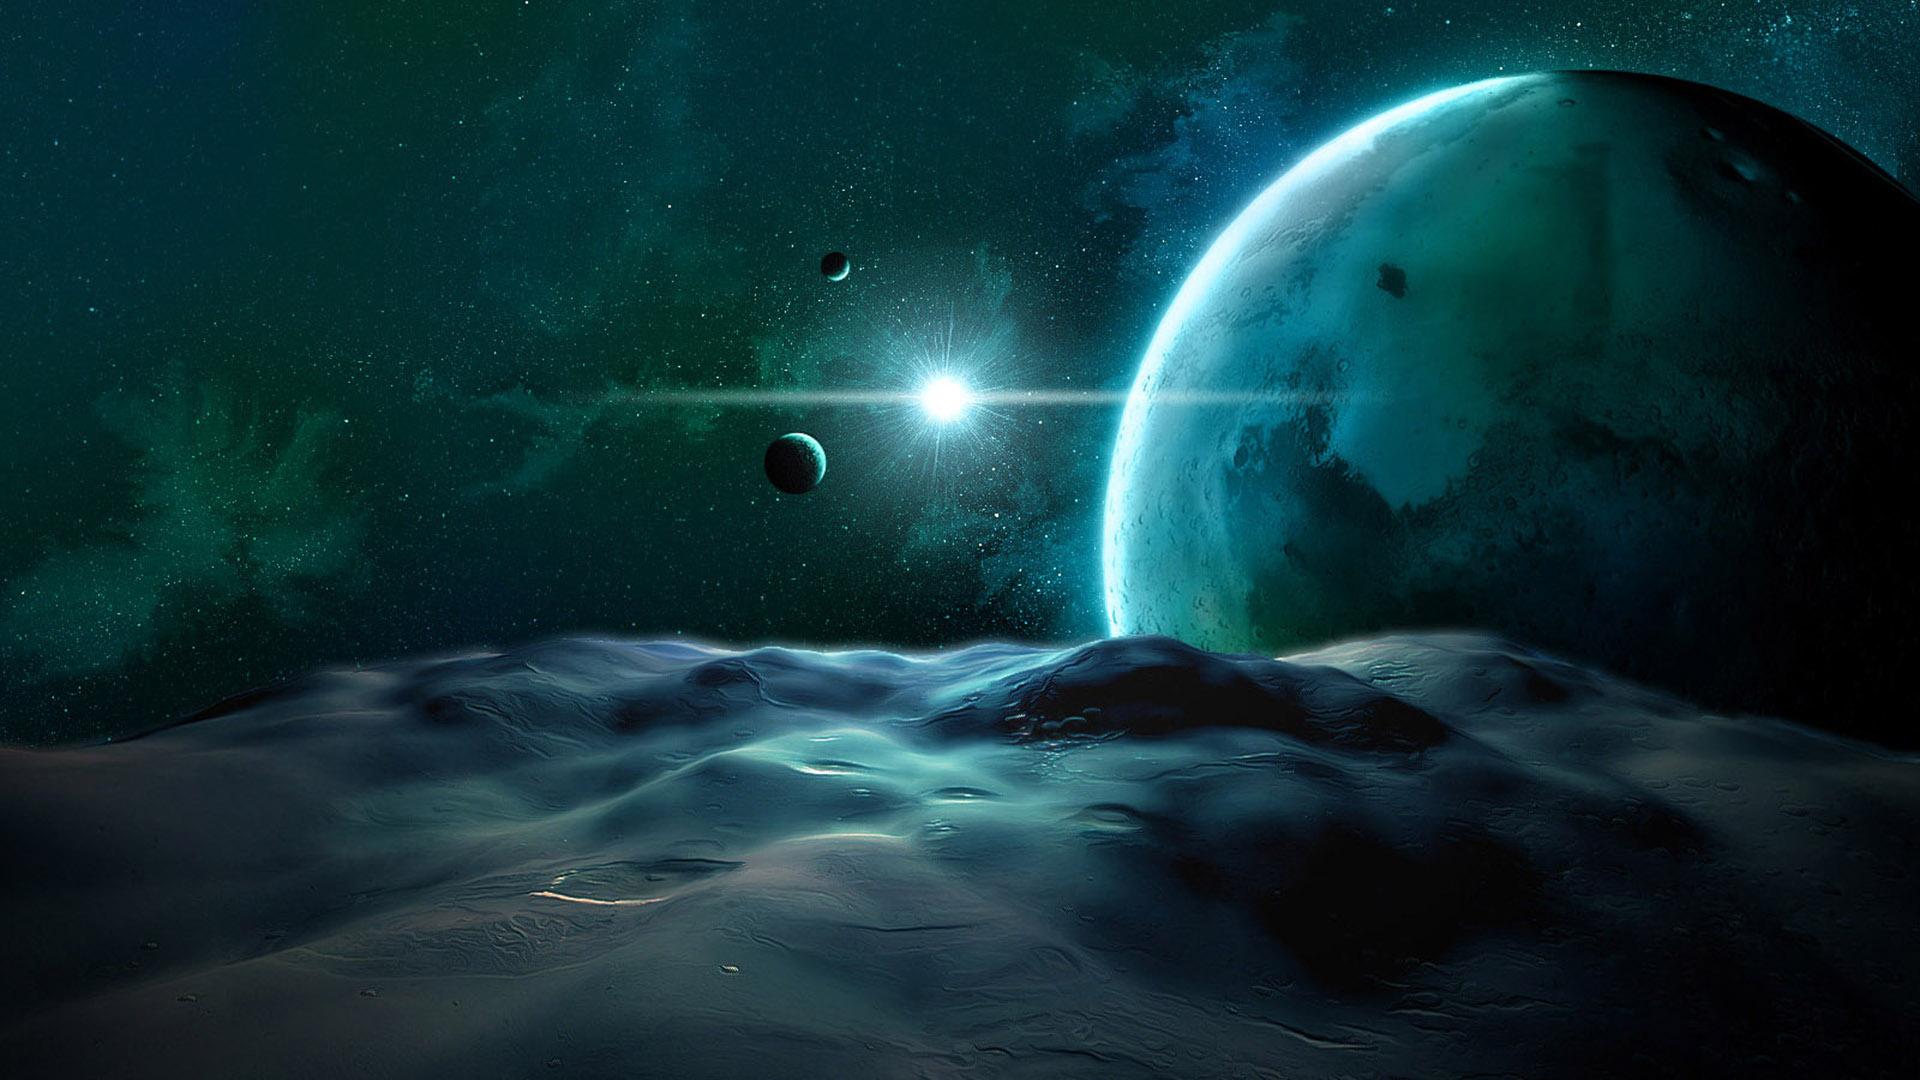 壁紙 惑星表面 宇宙空間 ダウンロード 写真